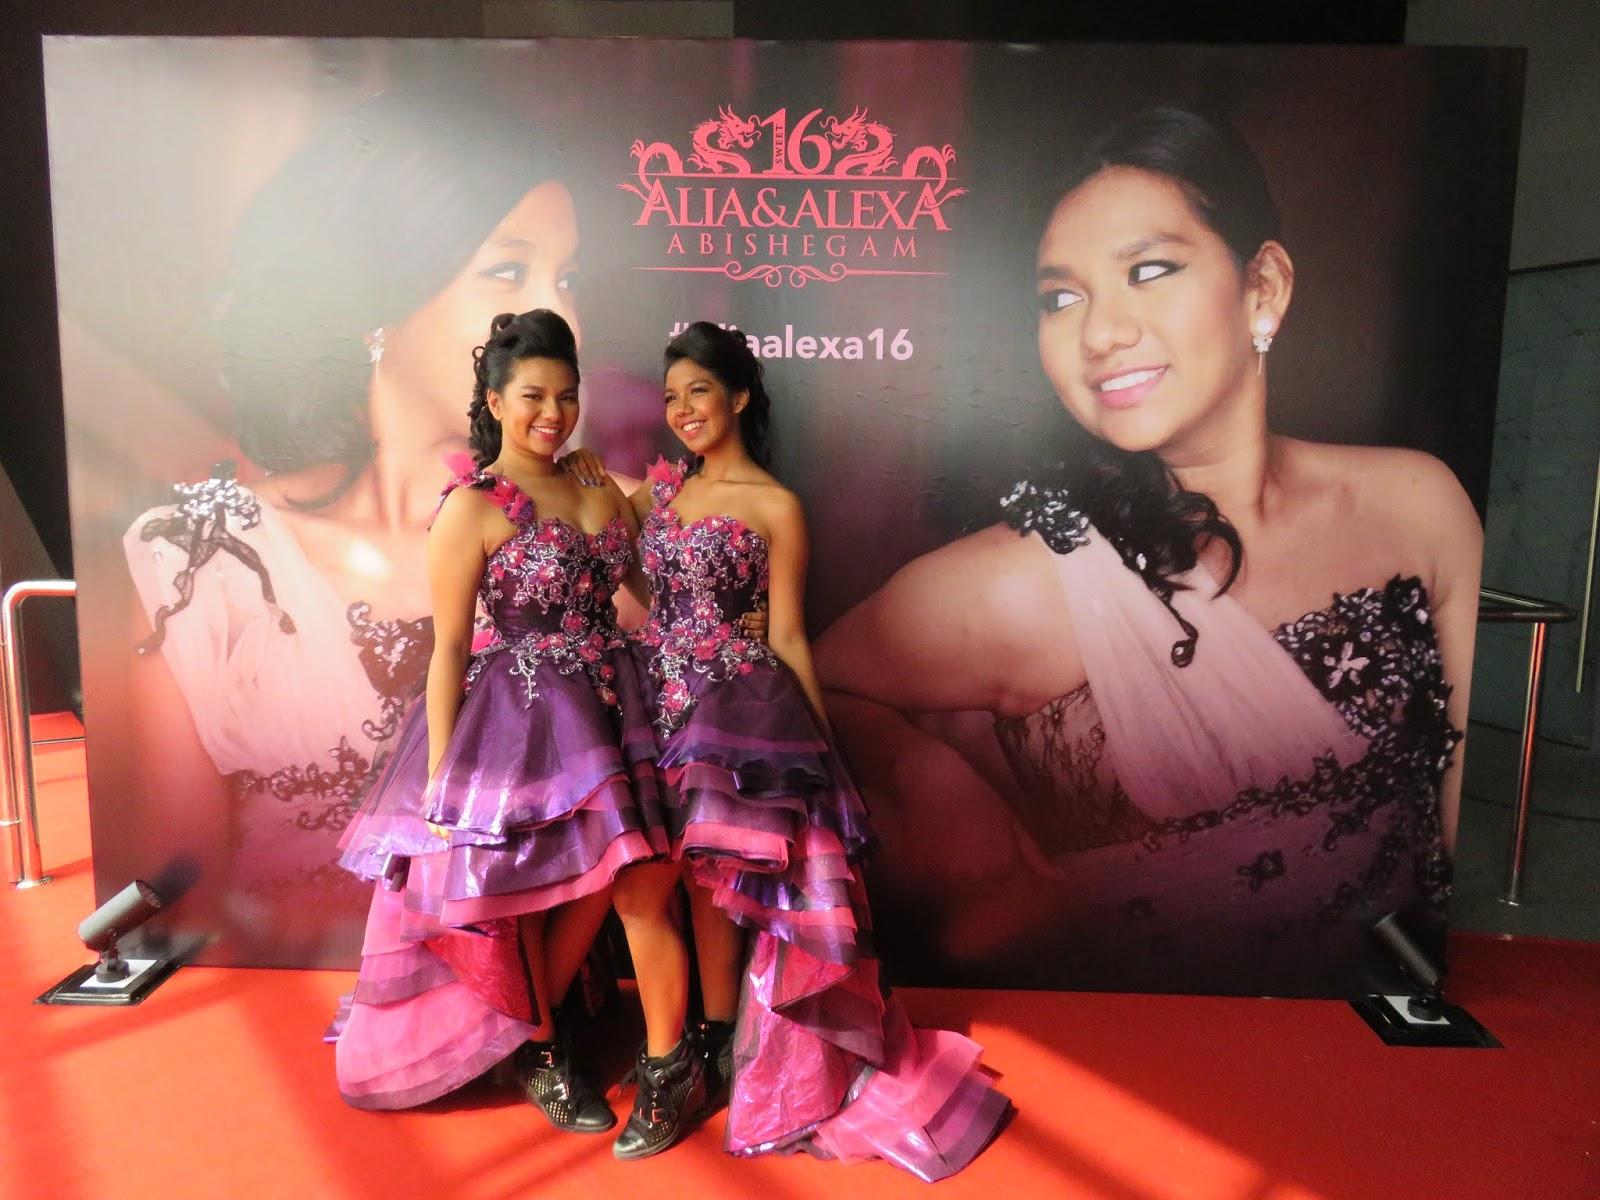 Dato56 Dato Kelenjeridze: Kee Hua Chee Live!: PART 1--- DATO SERI ANDREW ABISHEGAM